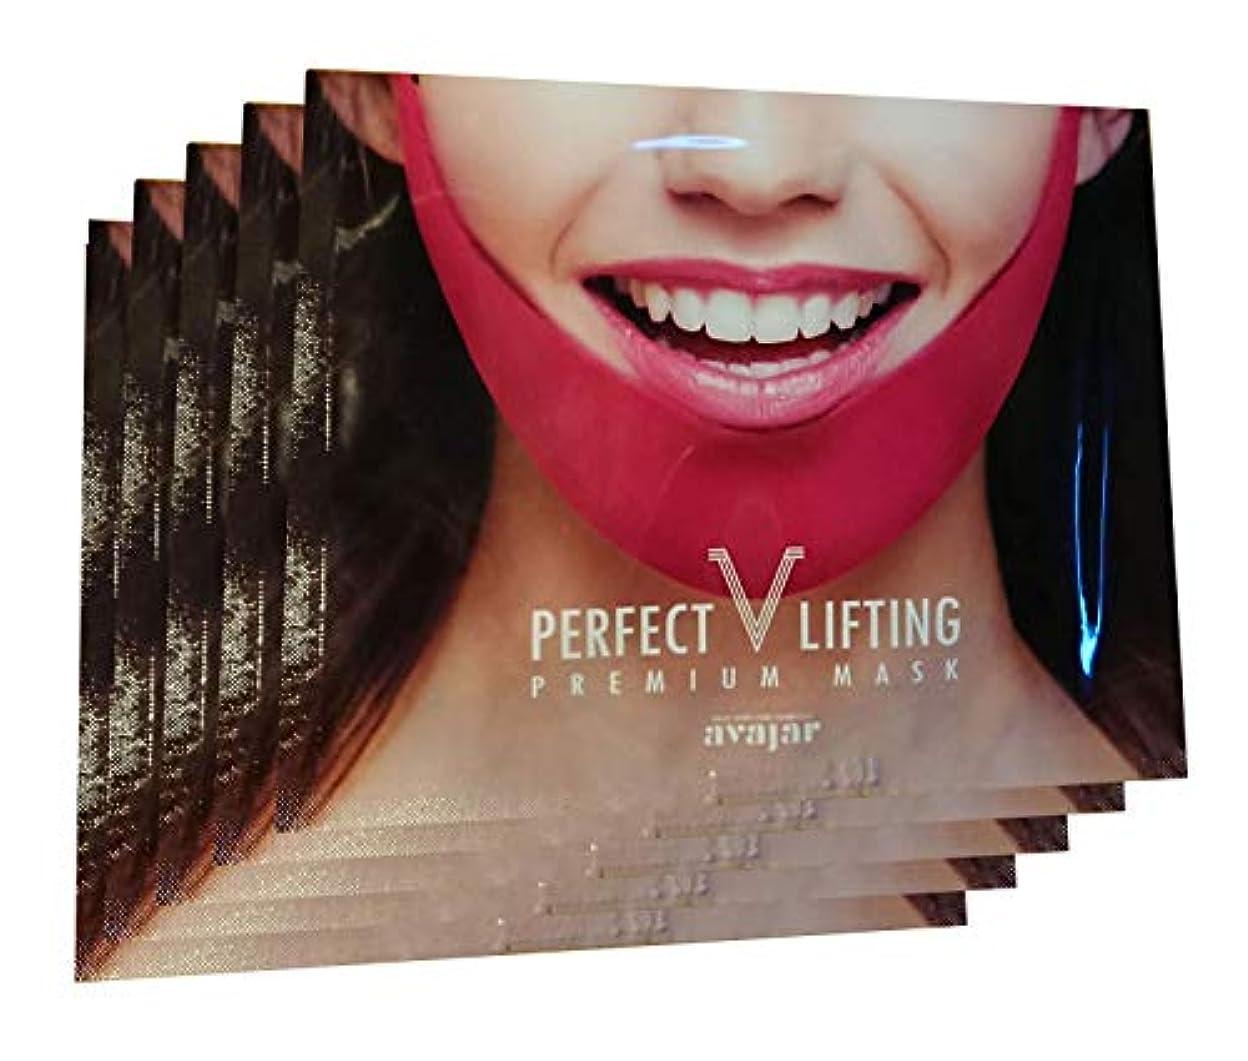 繊維パーフェルビッド確立Avajar 小顔効果と顎ラインを取り戻す! パーフェクトVリフティング 1パック